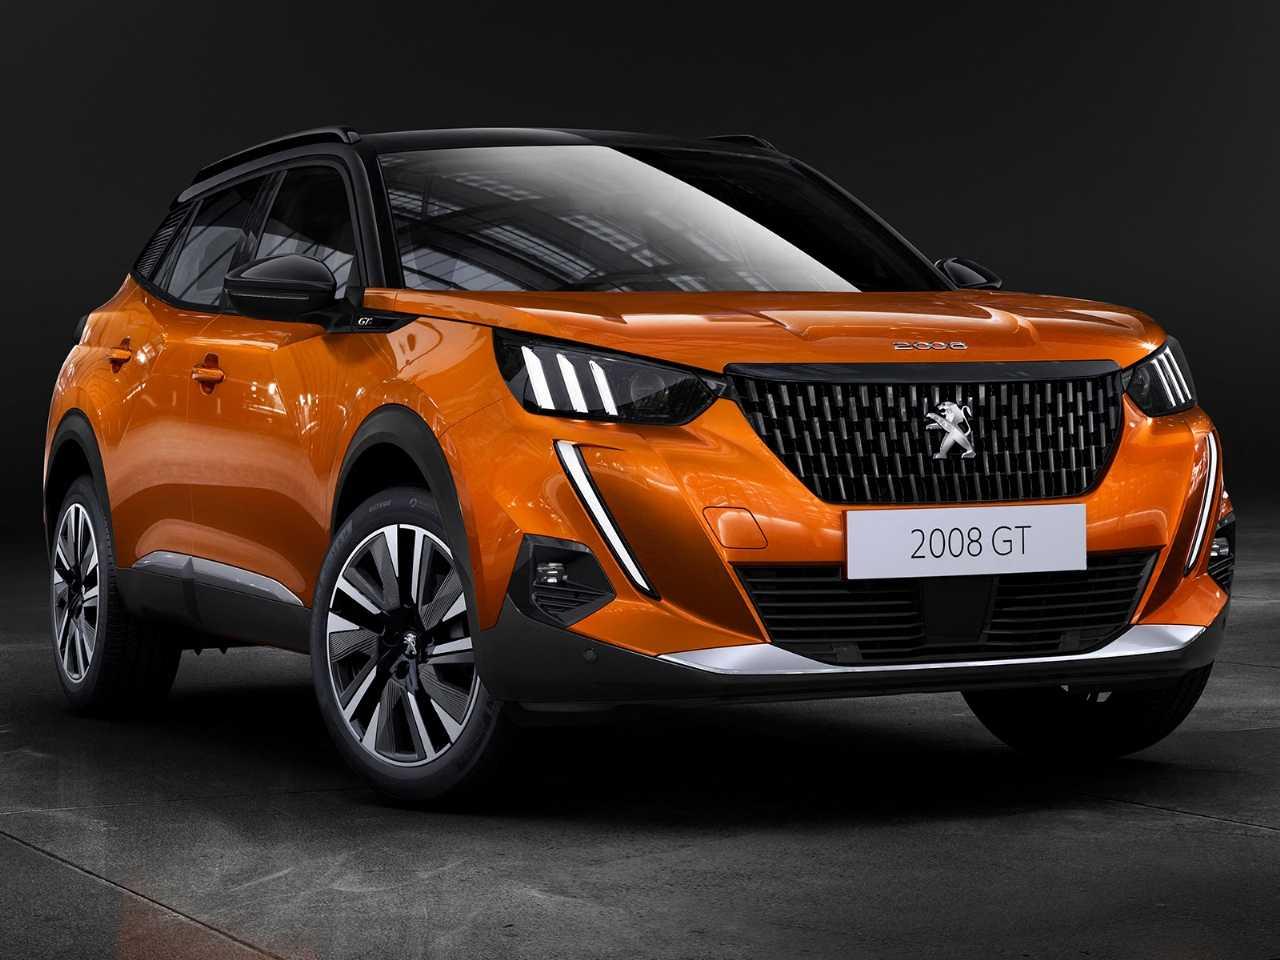 Maior e mais sofisticada, a segunda geração do Peugeot 2008 abre espaço para modelo de menor porte